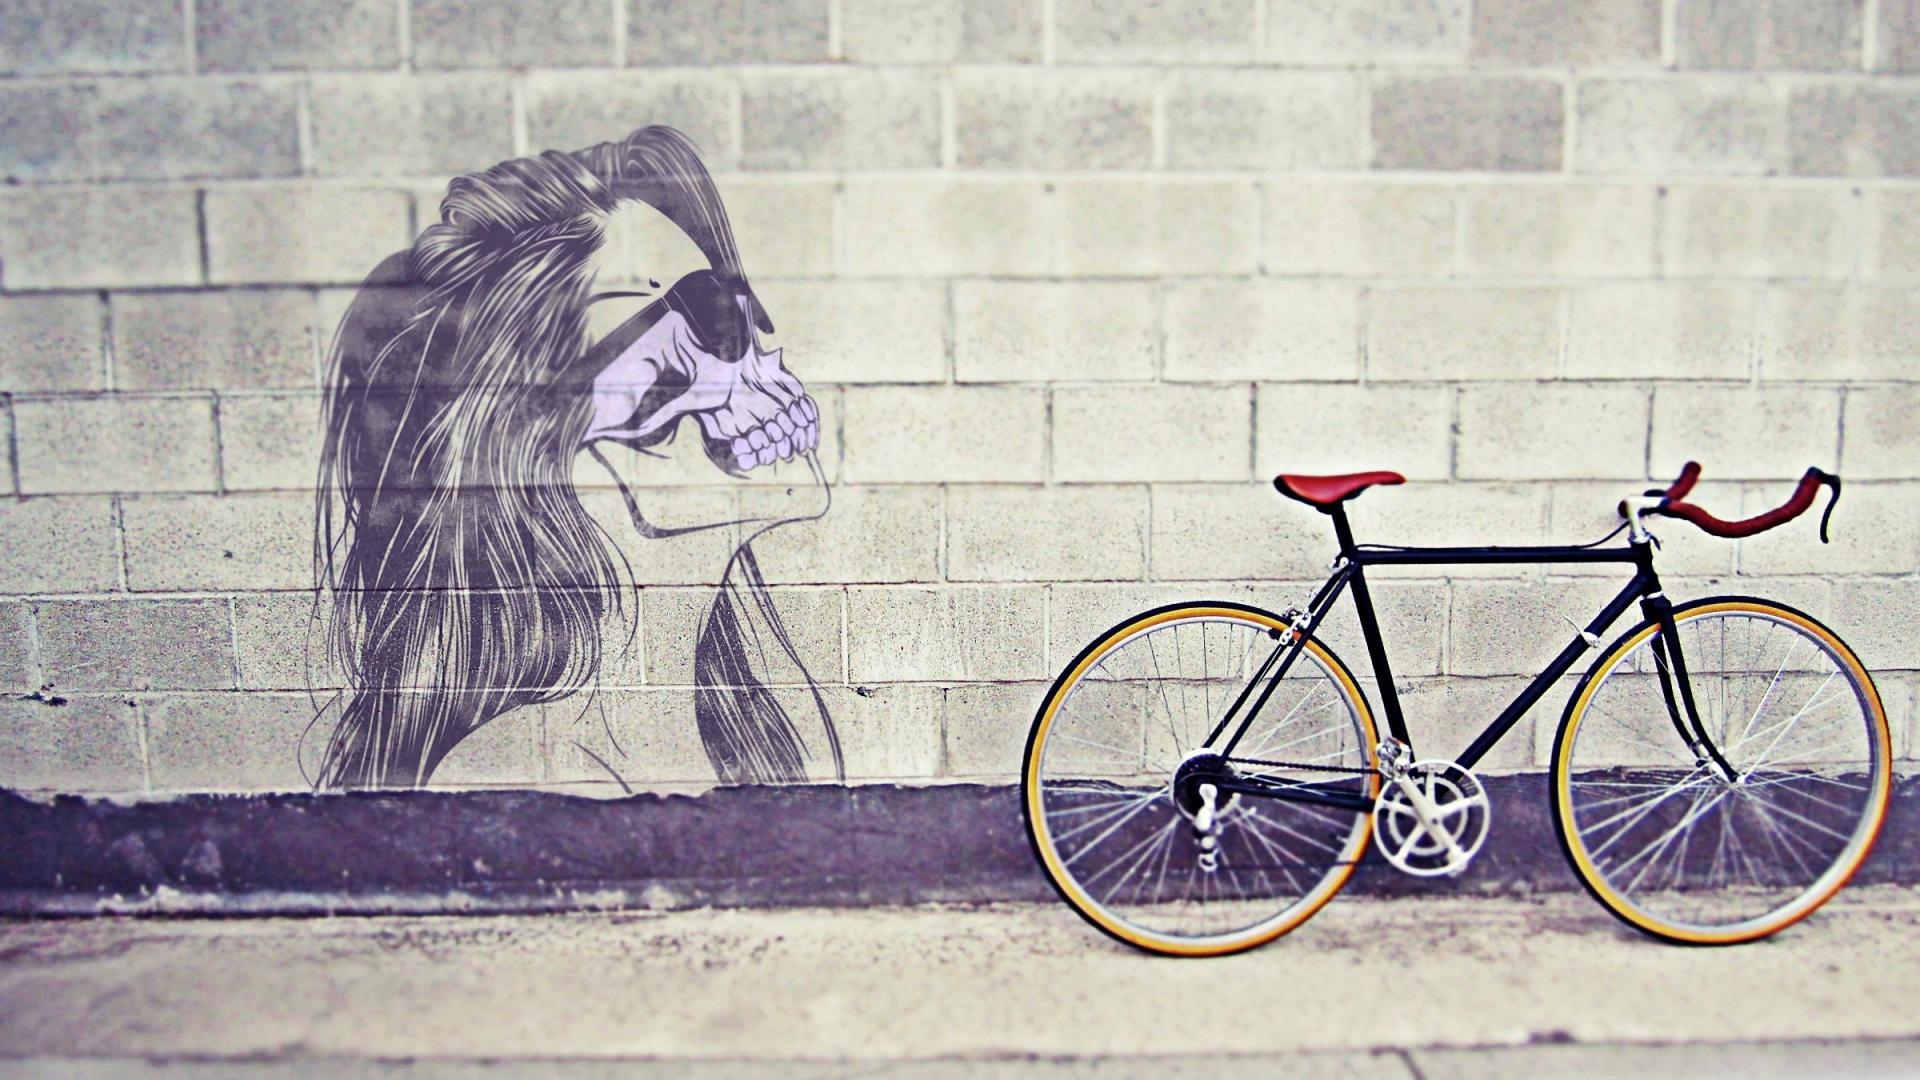 street art iphone wallpaper